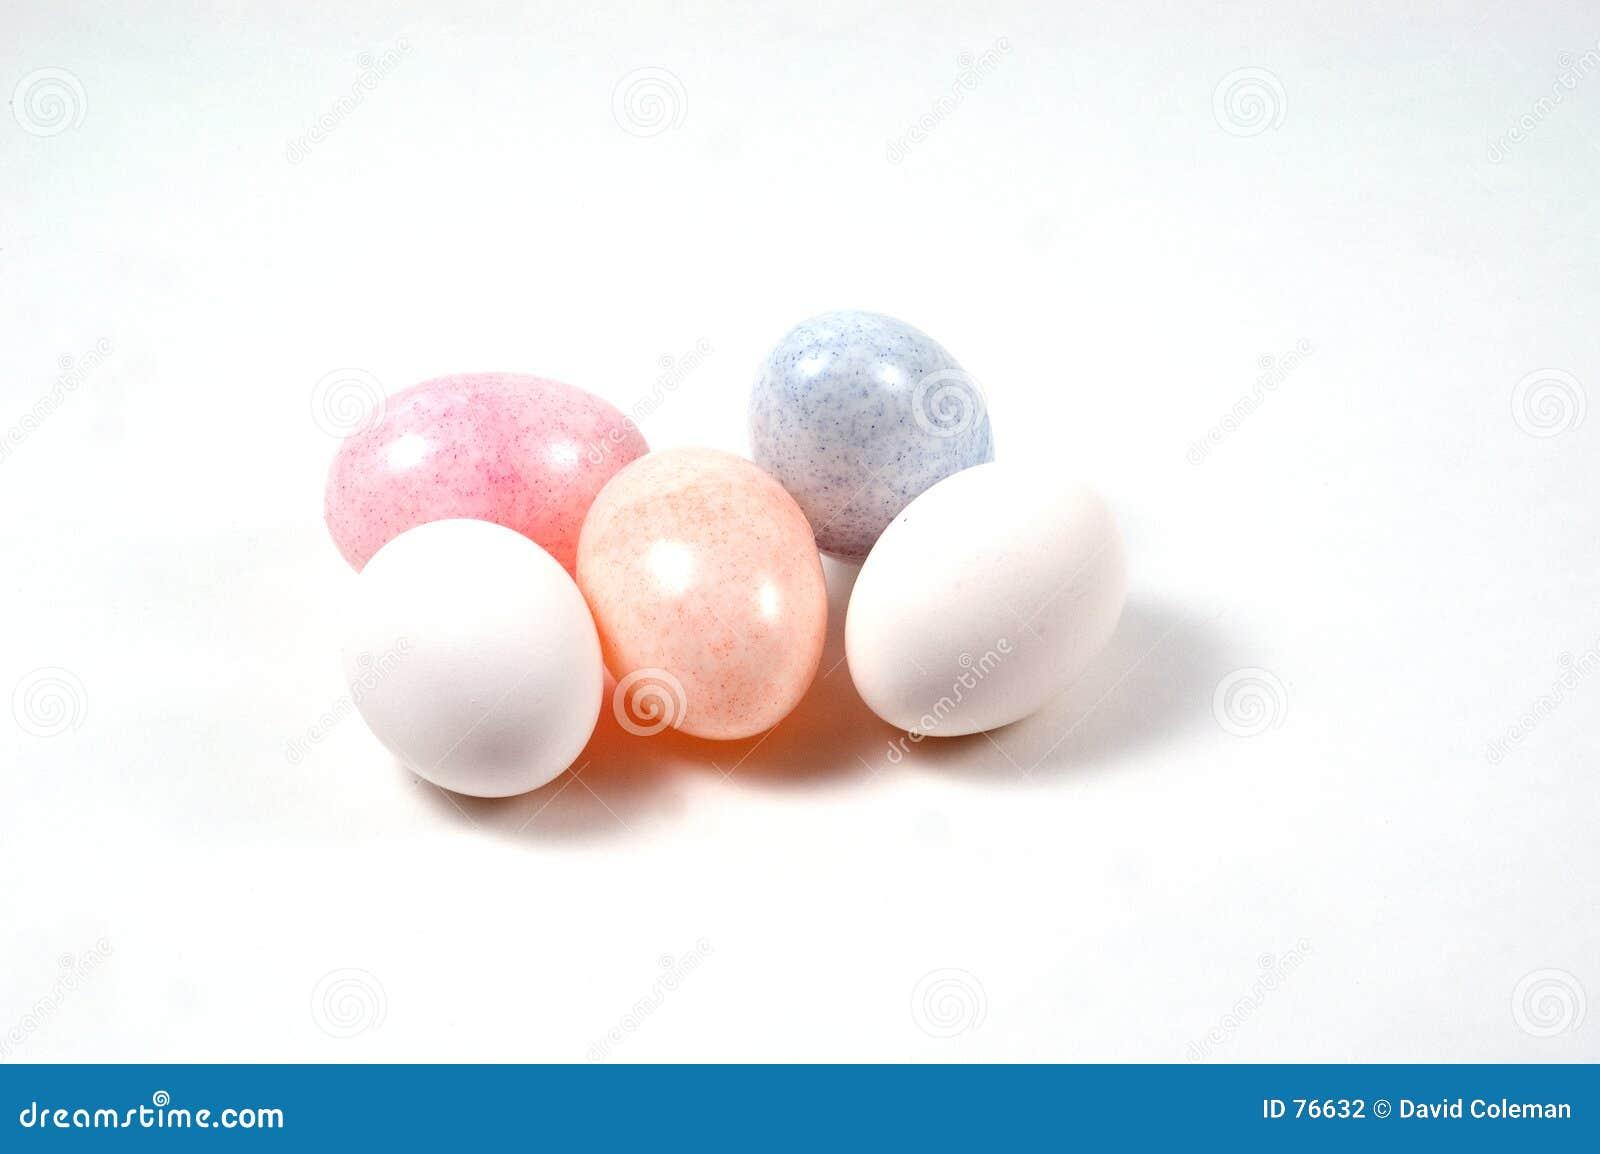 Plastik- und reale Eier